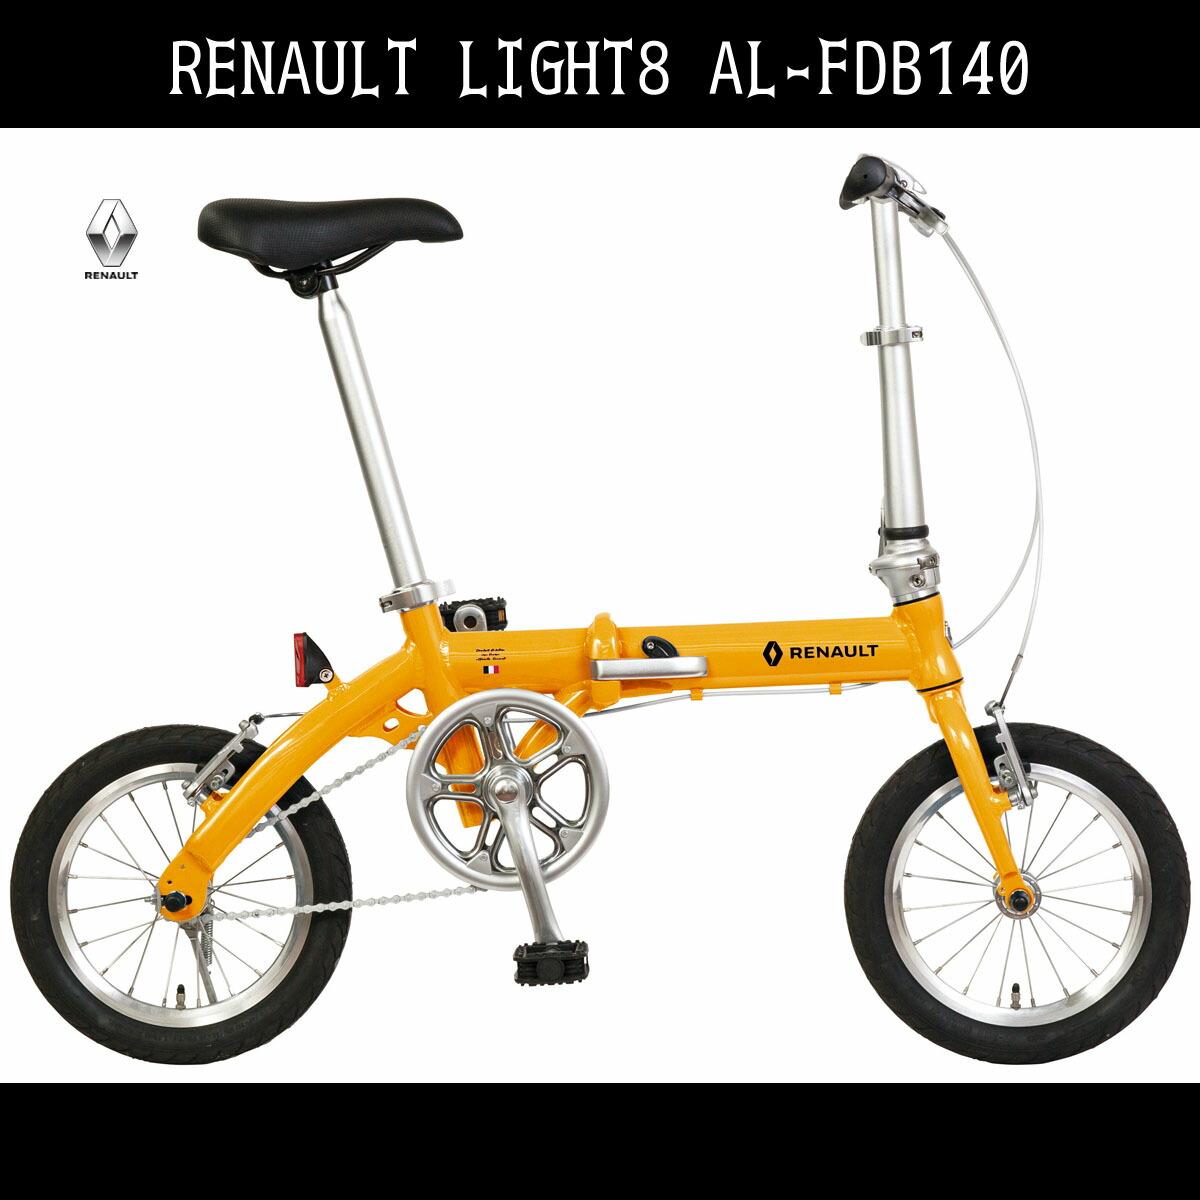 自転車 ルノー RENAULT 自転車 折りたたみ自転車 オレンジ/イエロー14インチ 軽量 ギアなし 折りたたみ自転車 ルノー LIGHT8 AL-FDB140 ライトエイト アルミニウム